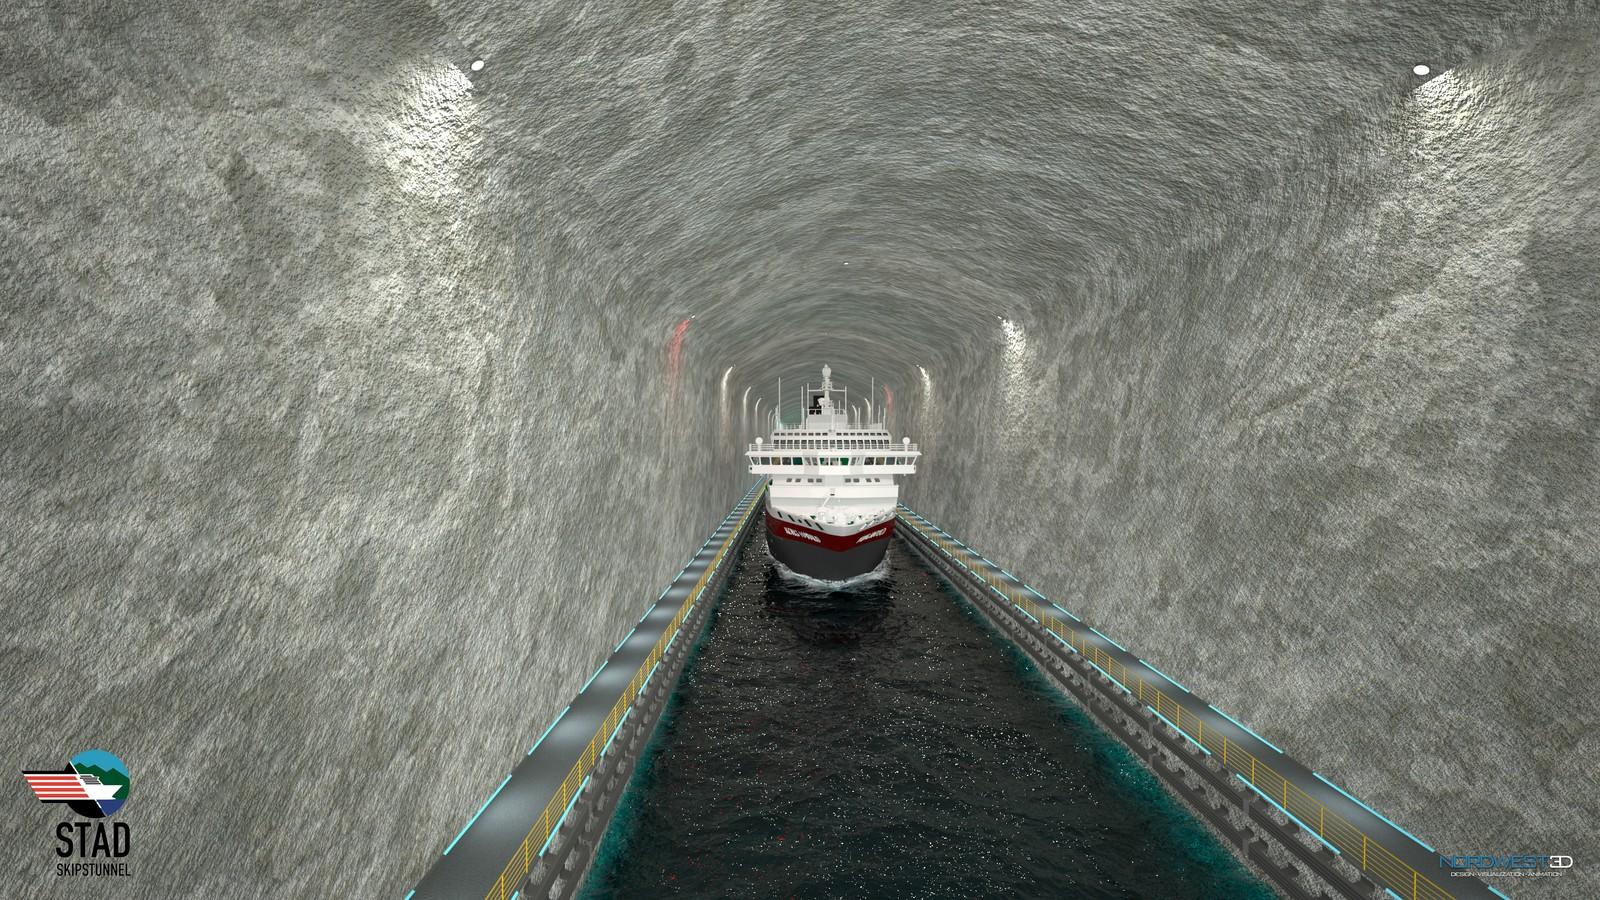 Hurtigruteskip i Stad skipstunnell (illustrasjon).